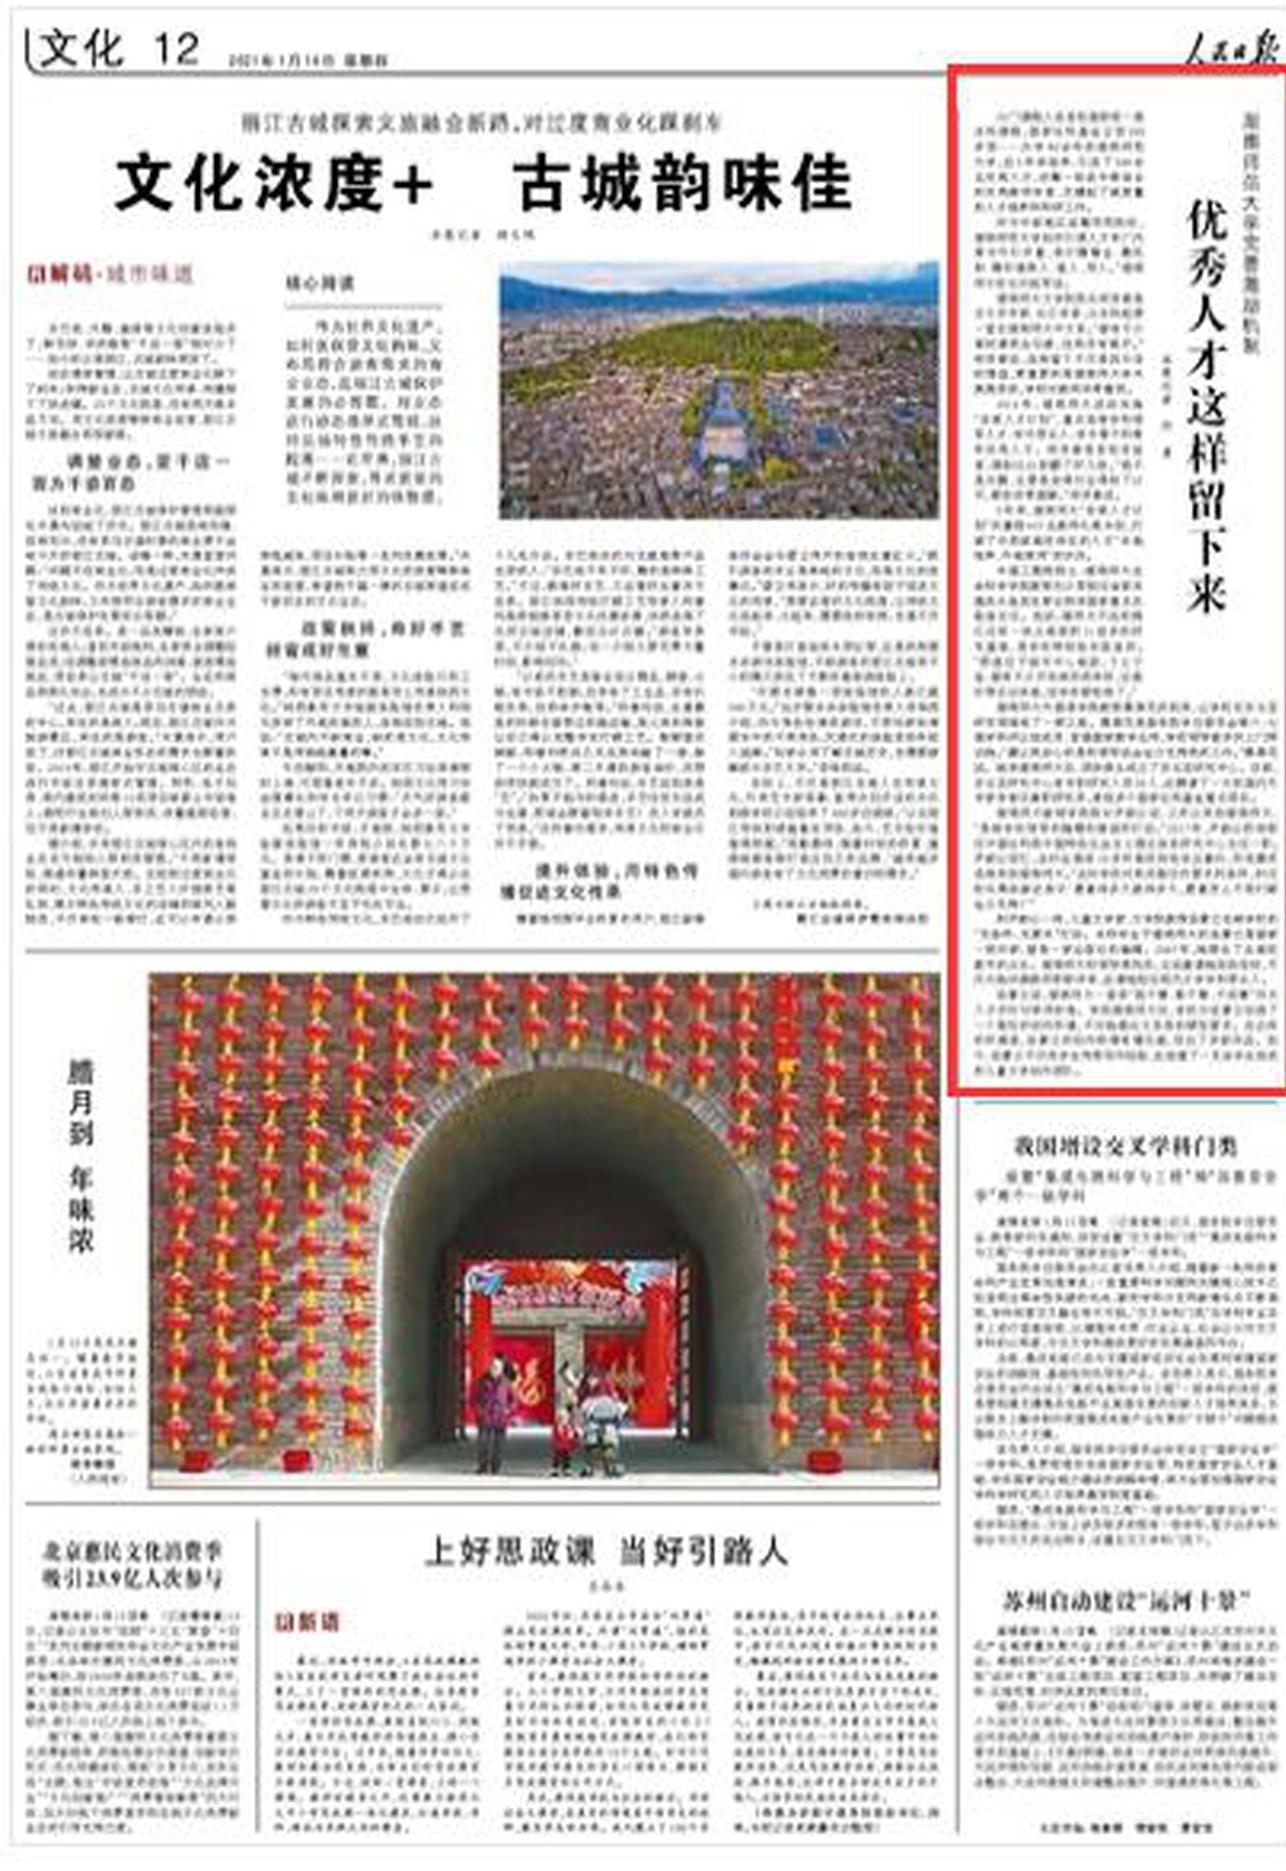 人民日报丨湖南师范大学完善激励机制 优秀人才这样留下来